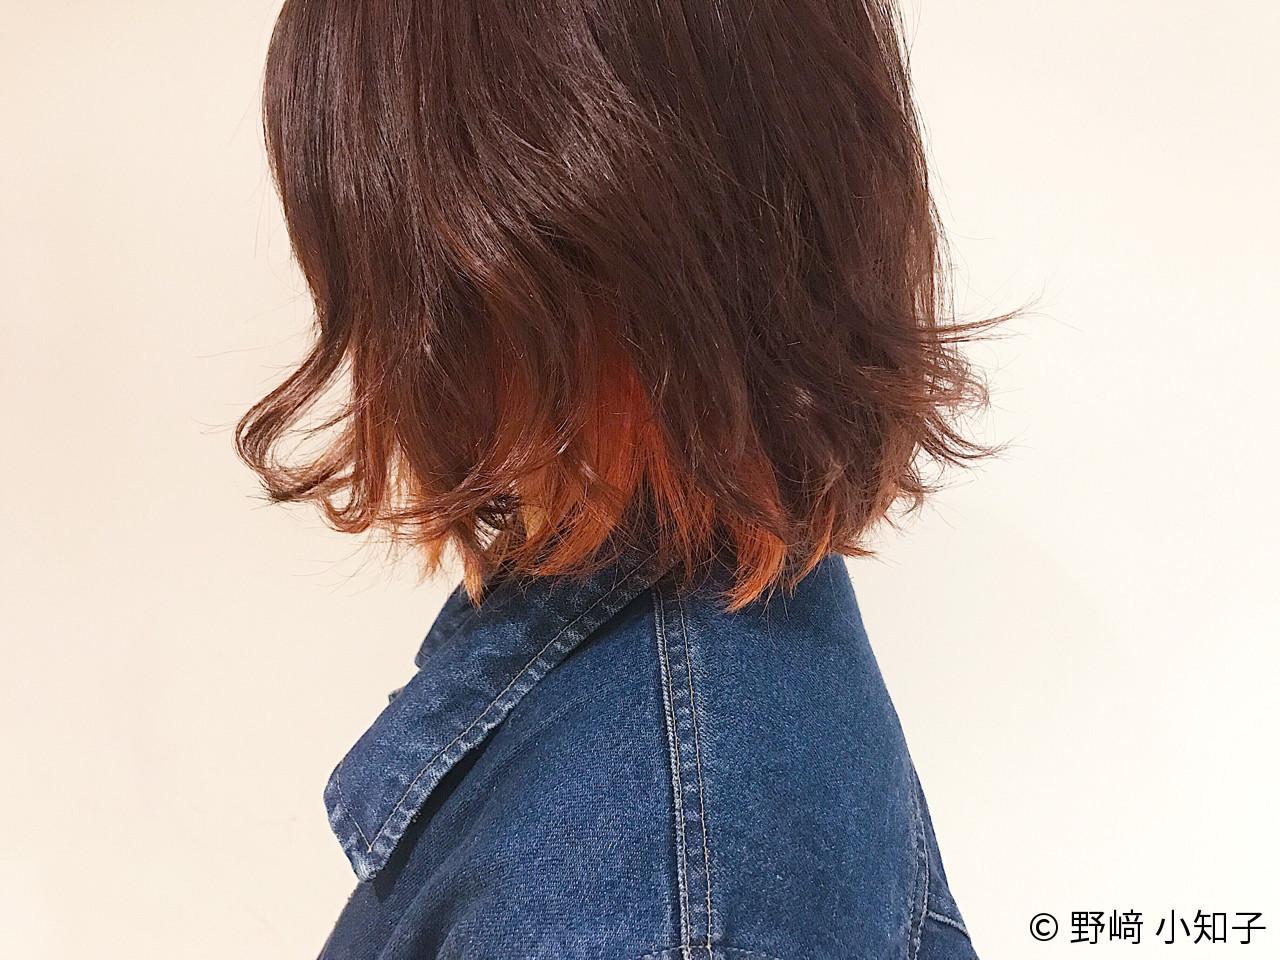 ブラウン×オレンジで温かみのある優しい印象に 野﨑 小知子